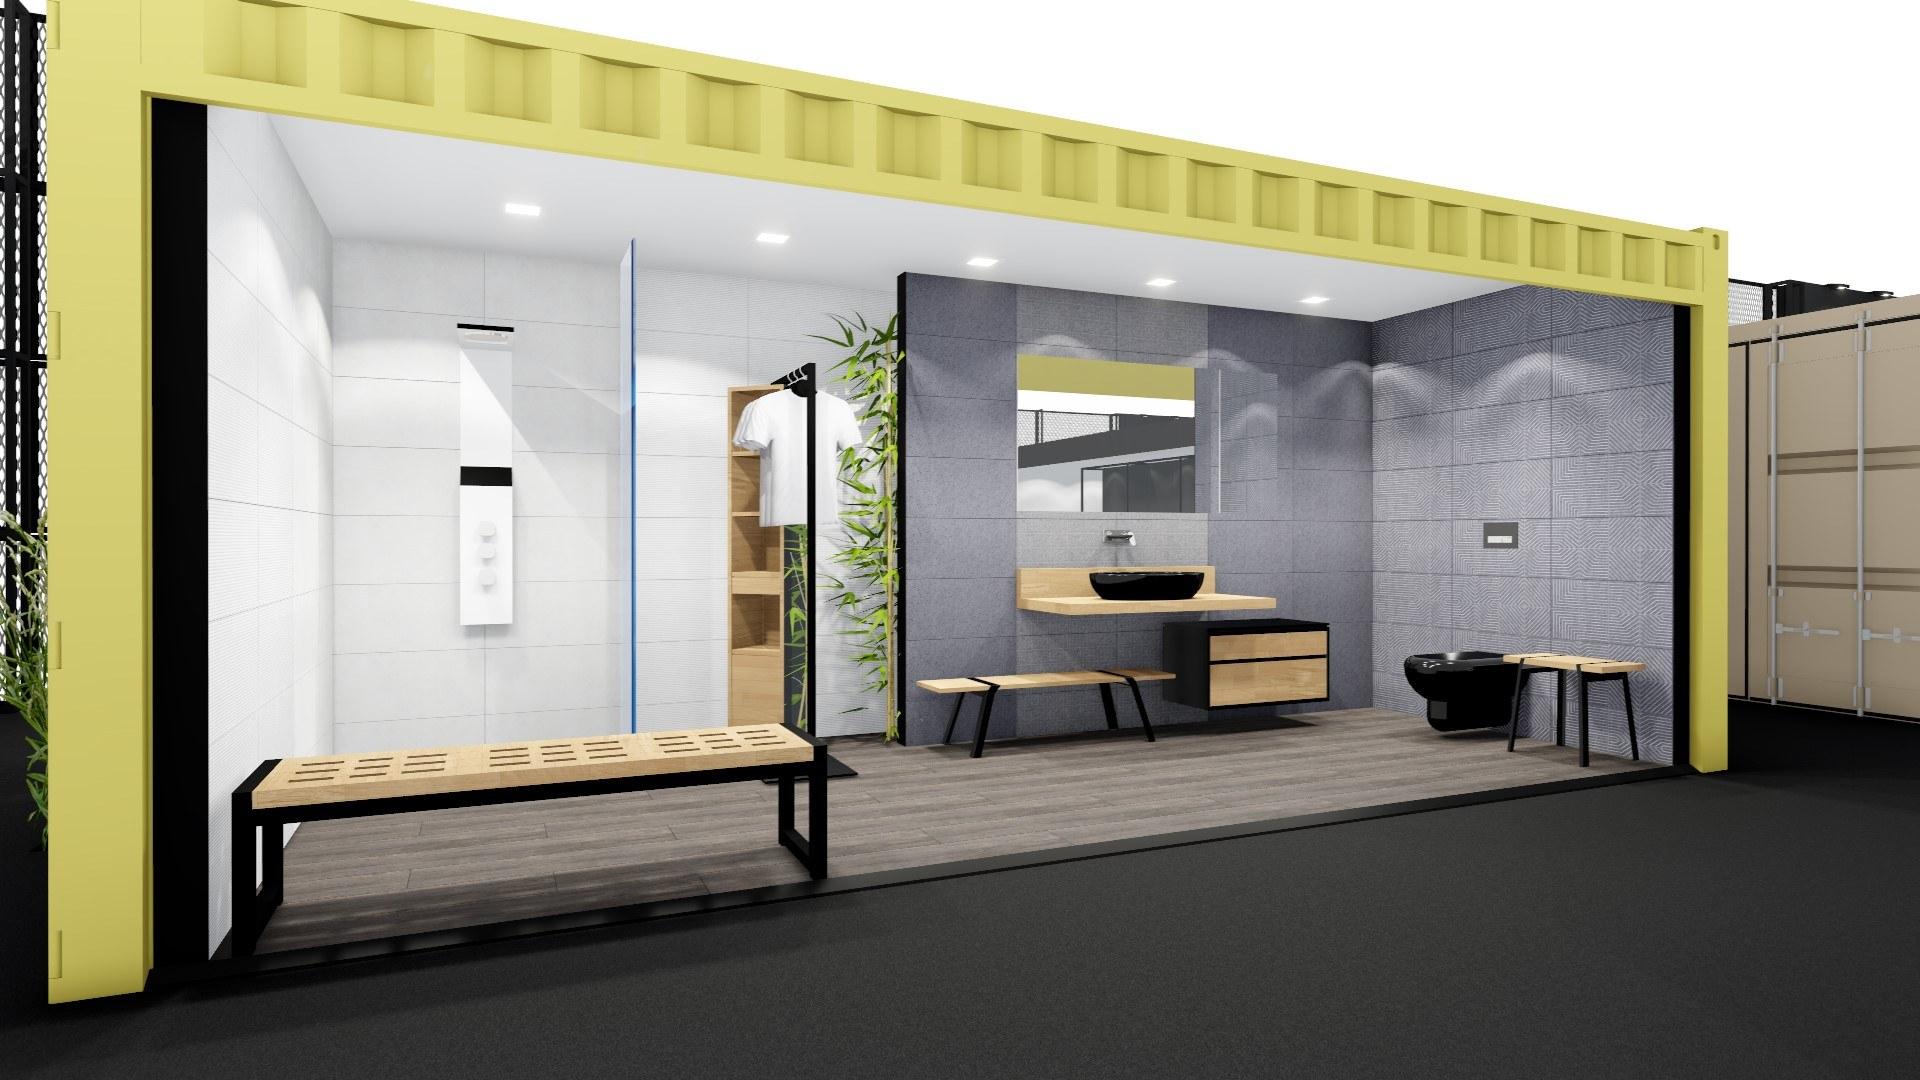 Neo Tasarım'ın SketchUp ve Lumion ile Hazırladığı Tasarım IF Design Awards 2018 Ödülü Aldı 21